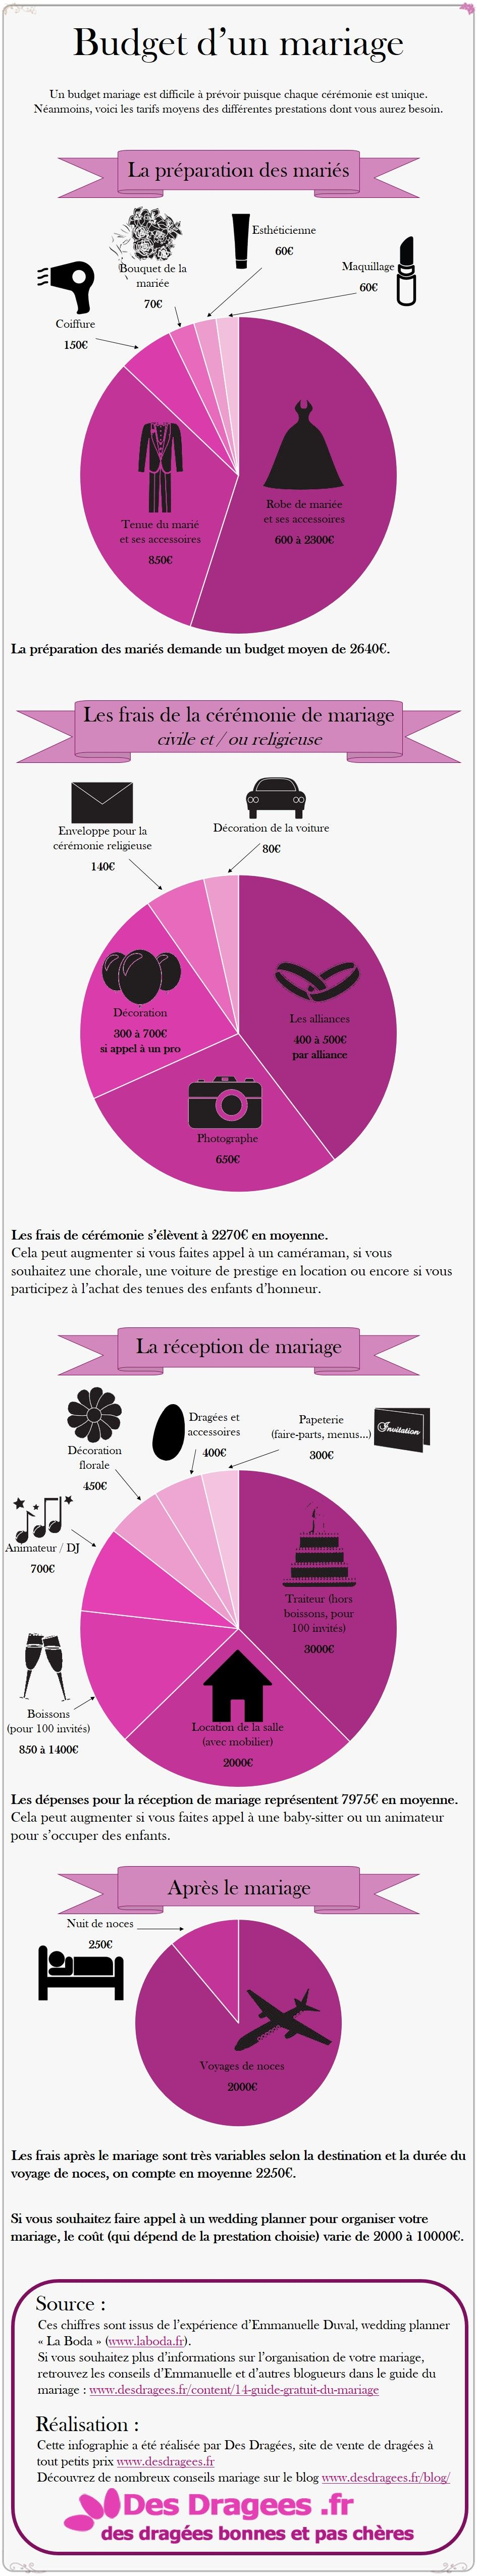 infographie sur le budget dun mariage - Ide Chanson Personnalise Mariage